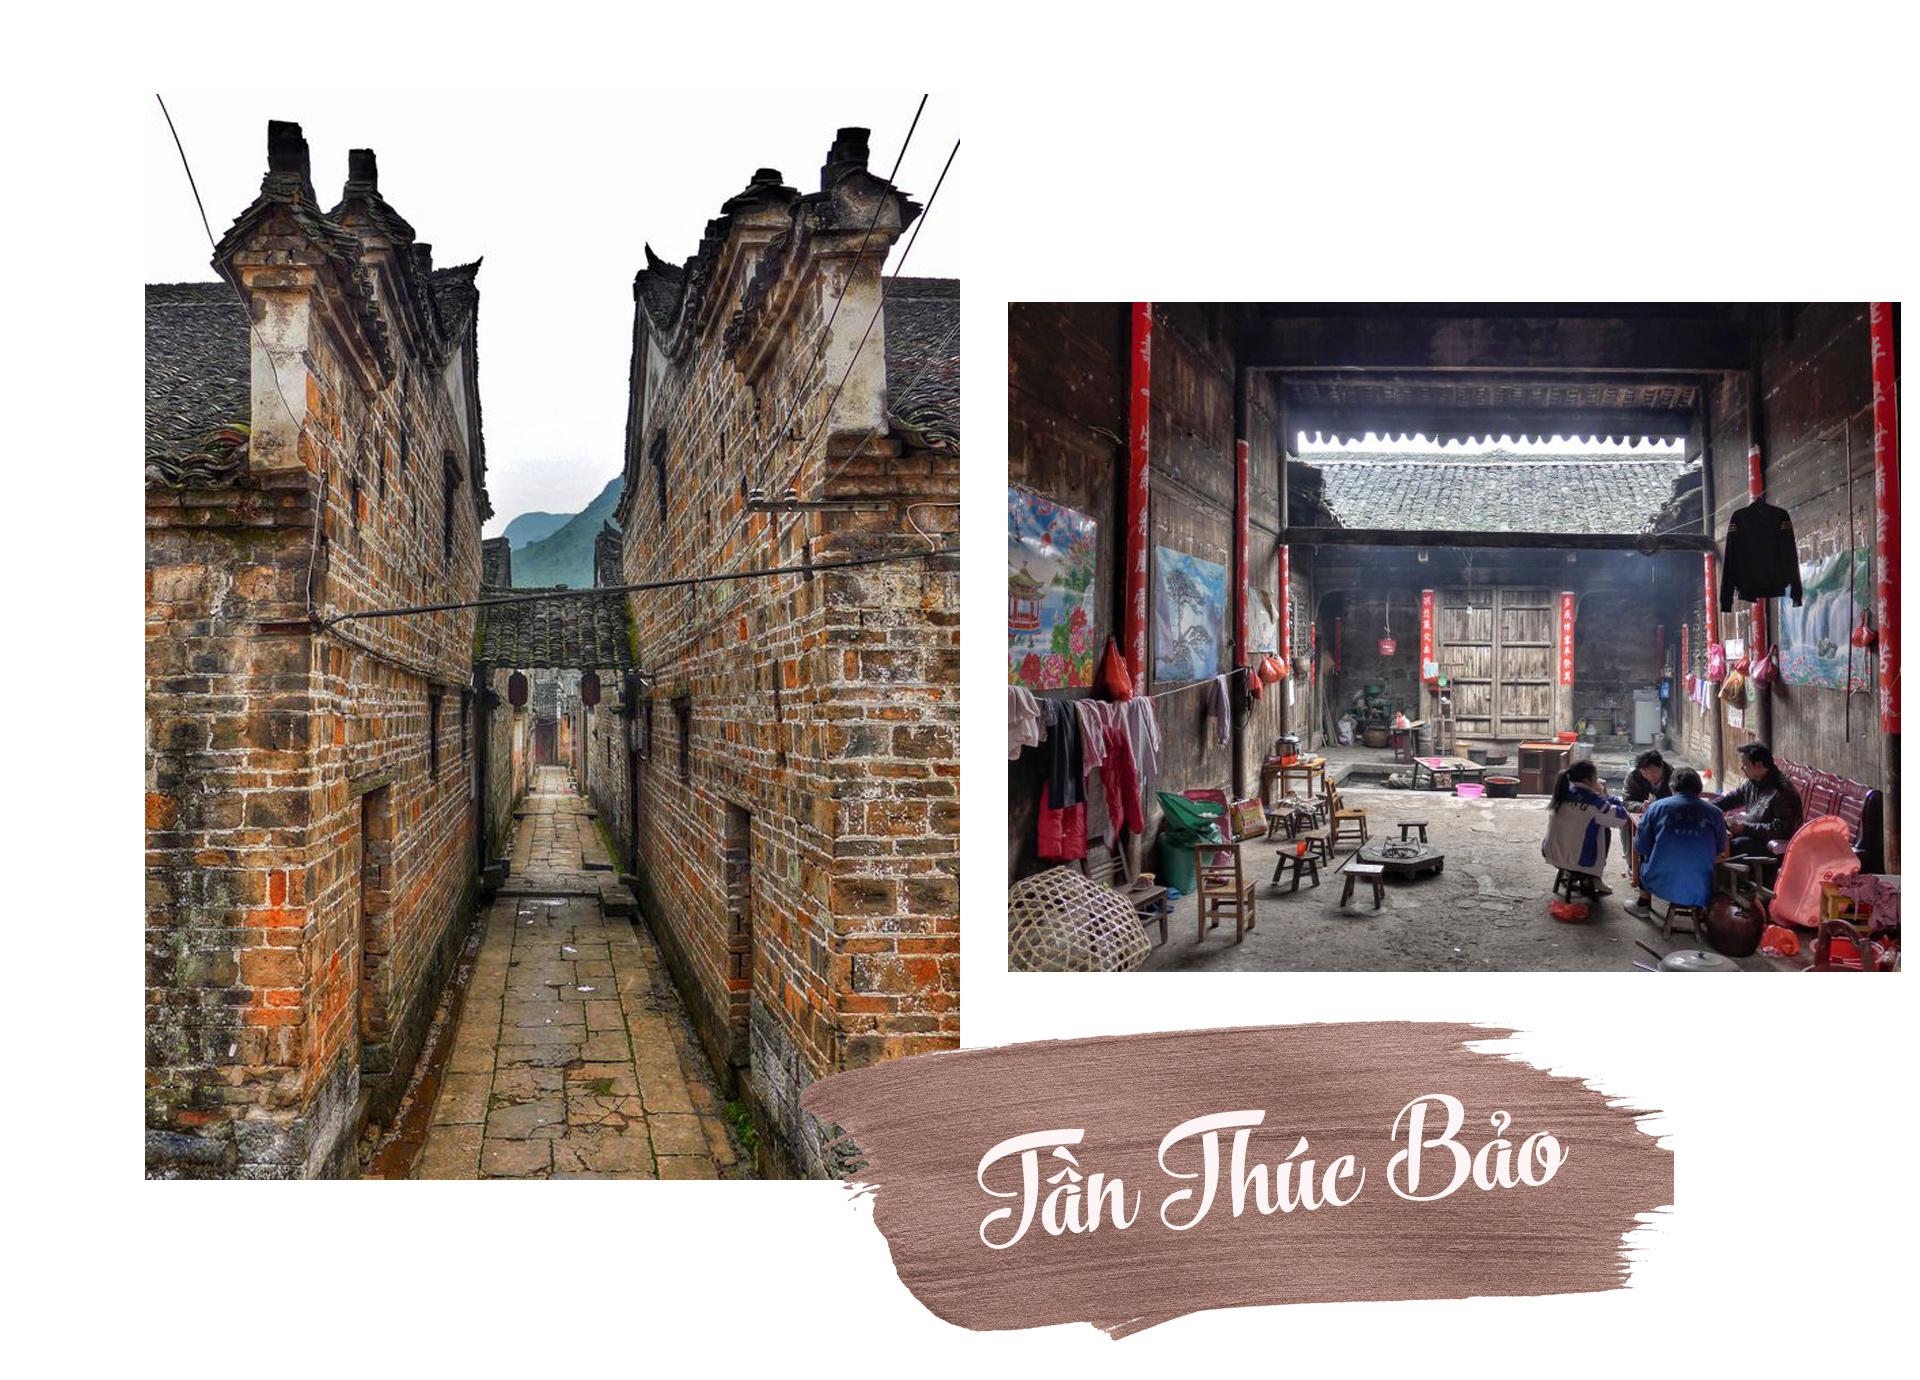 Ám ảnh những ngôi làng cổ xinh đẹp bị bỏ hoang ở Trung Quốc - 8